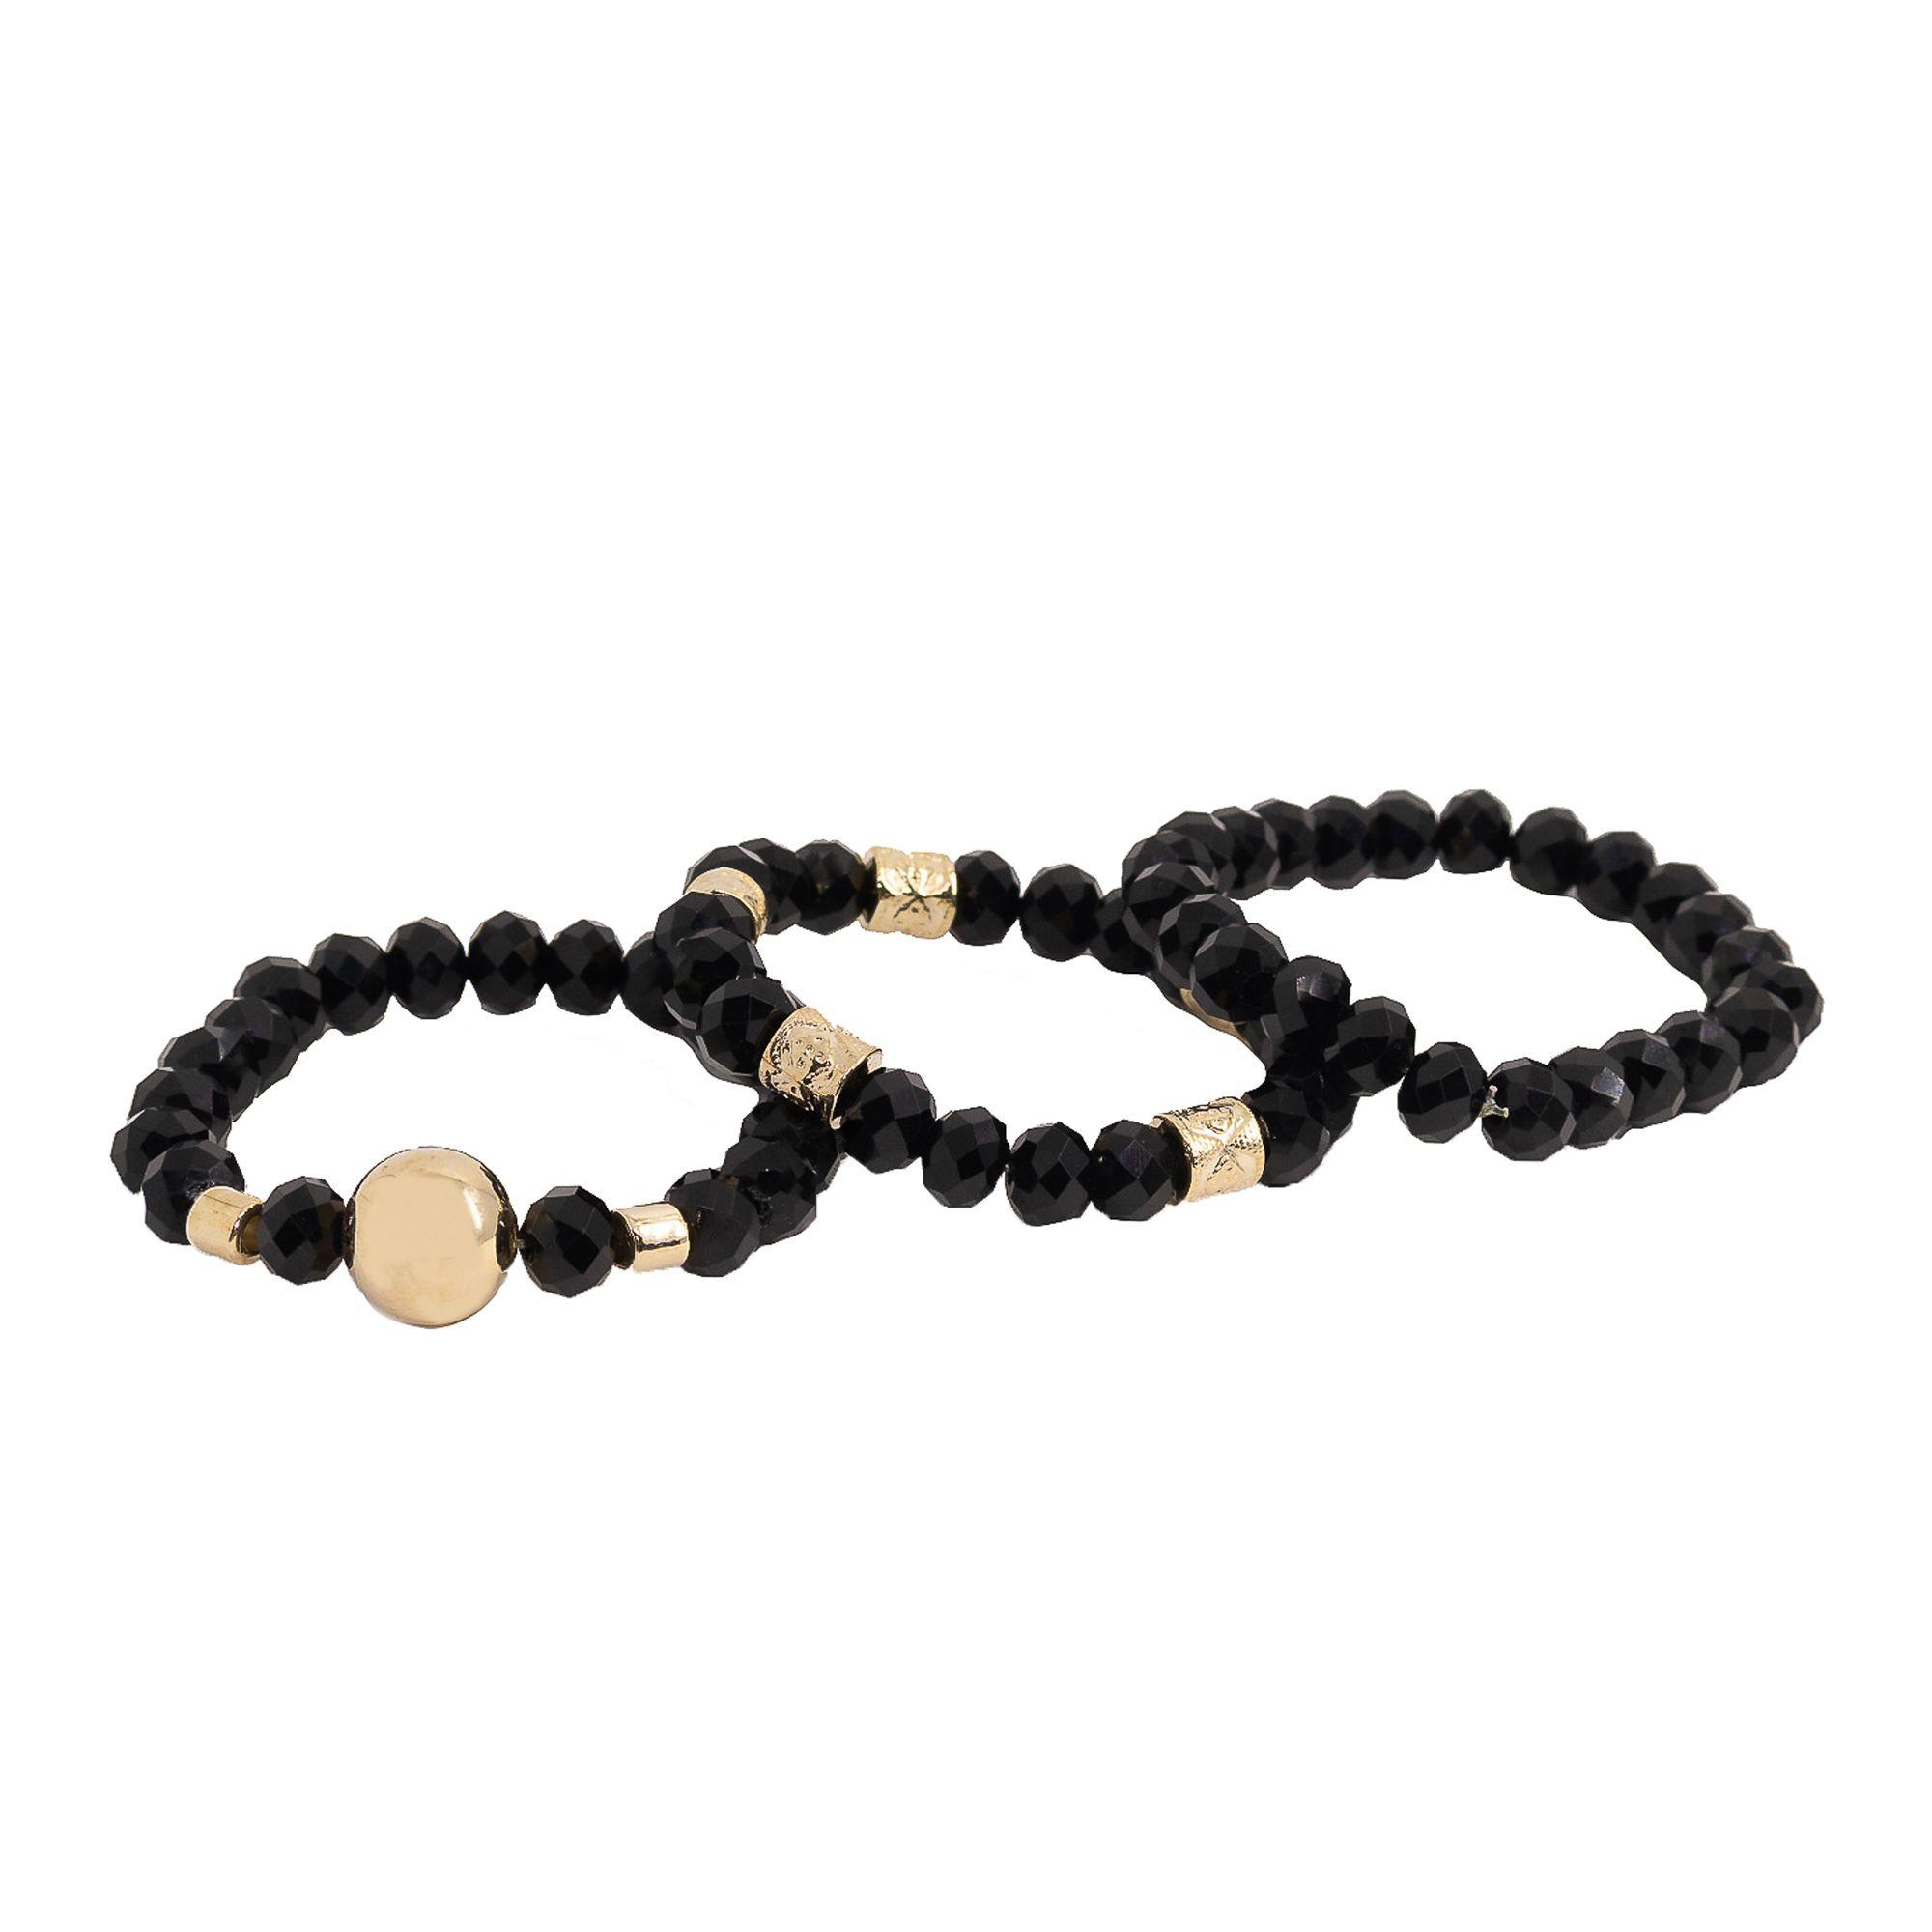 Trio de pulseiras semi joias com cristais folheadas a ouro 18k ou rhodium